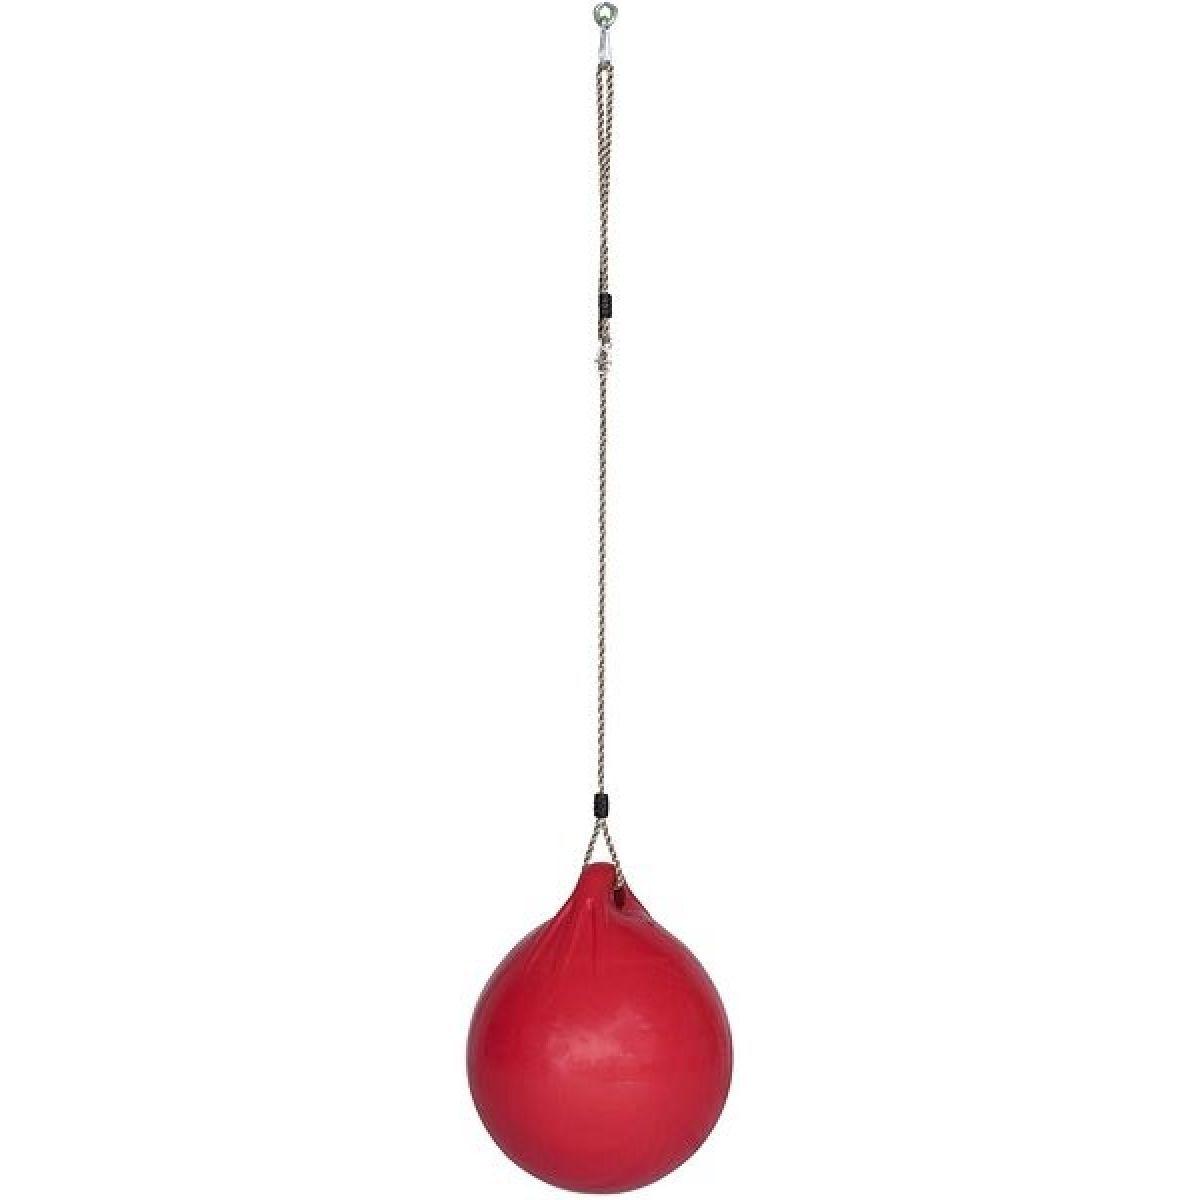 Trigano Houpací visící balón - Poškozený obal